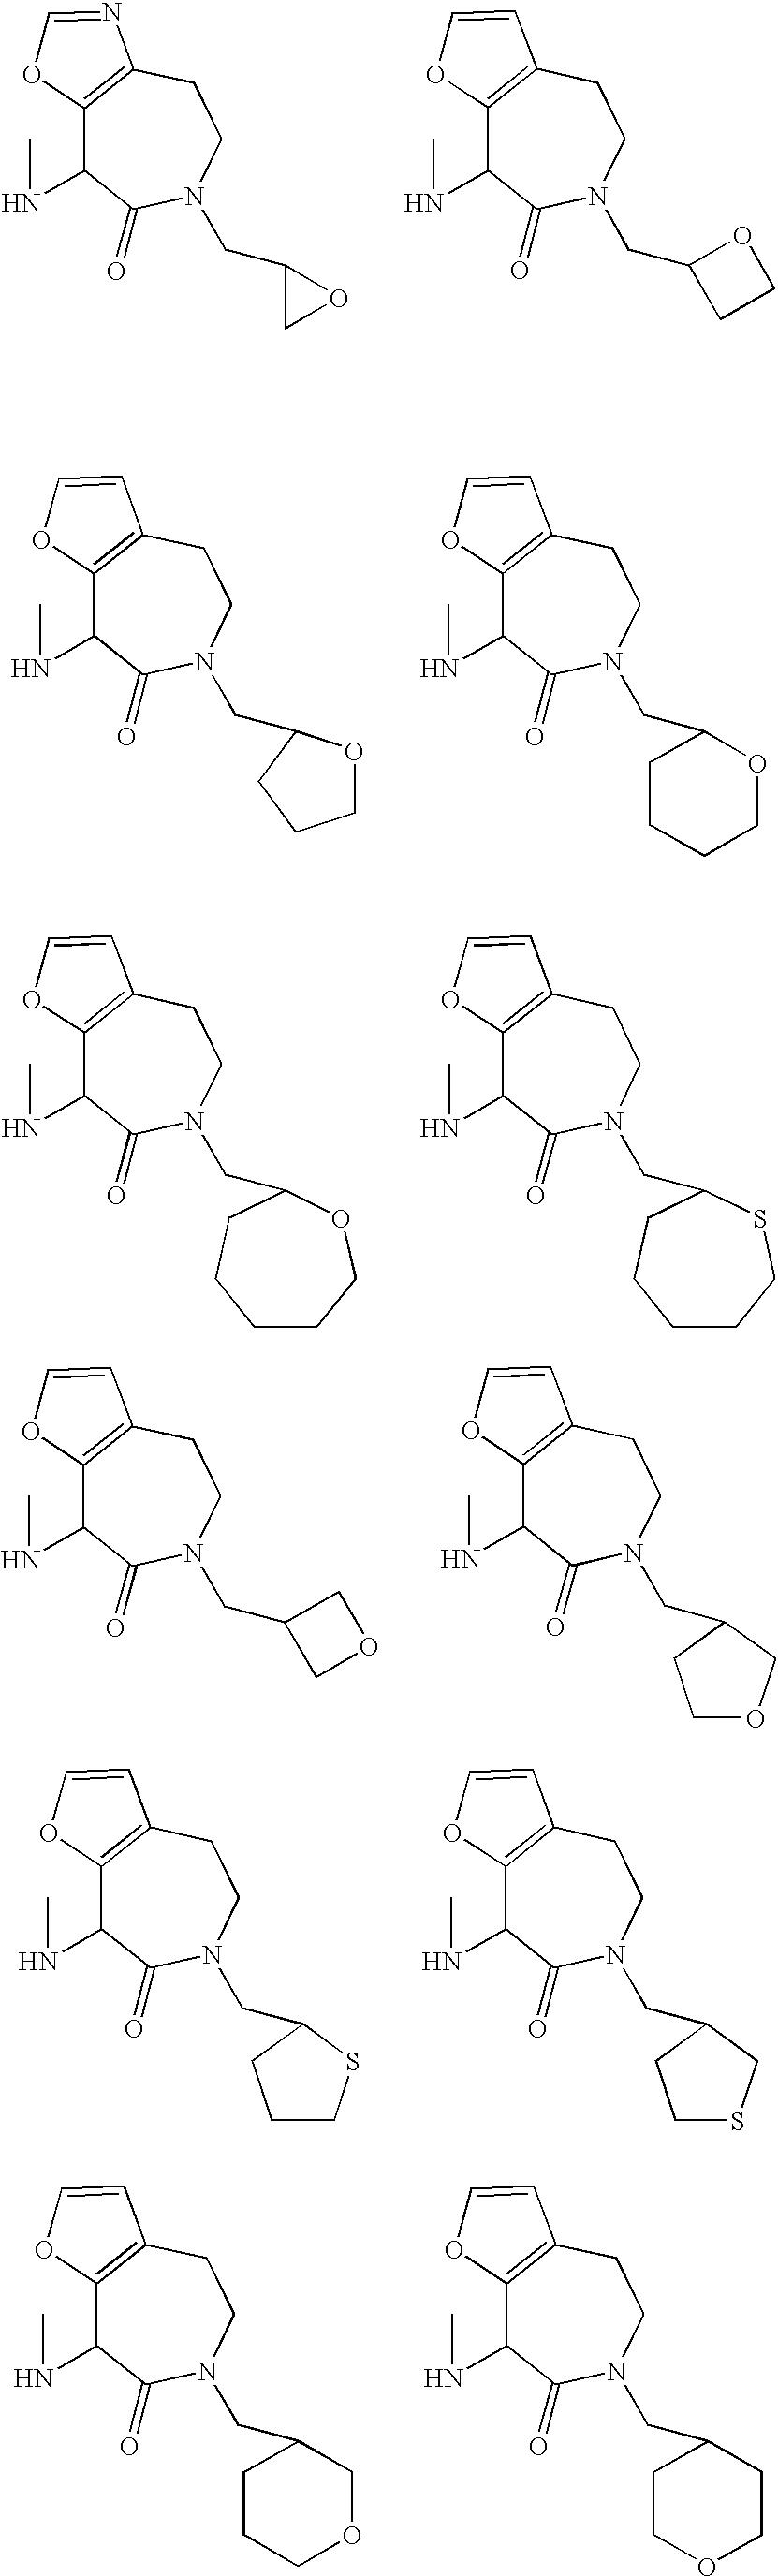 Figure US06509331-20030121-C00078